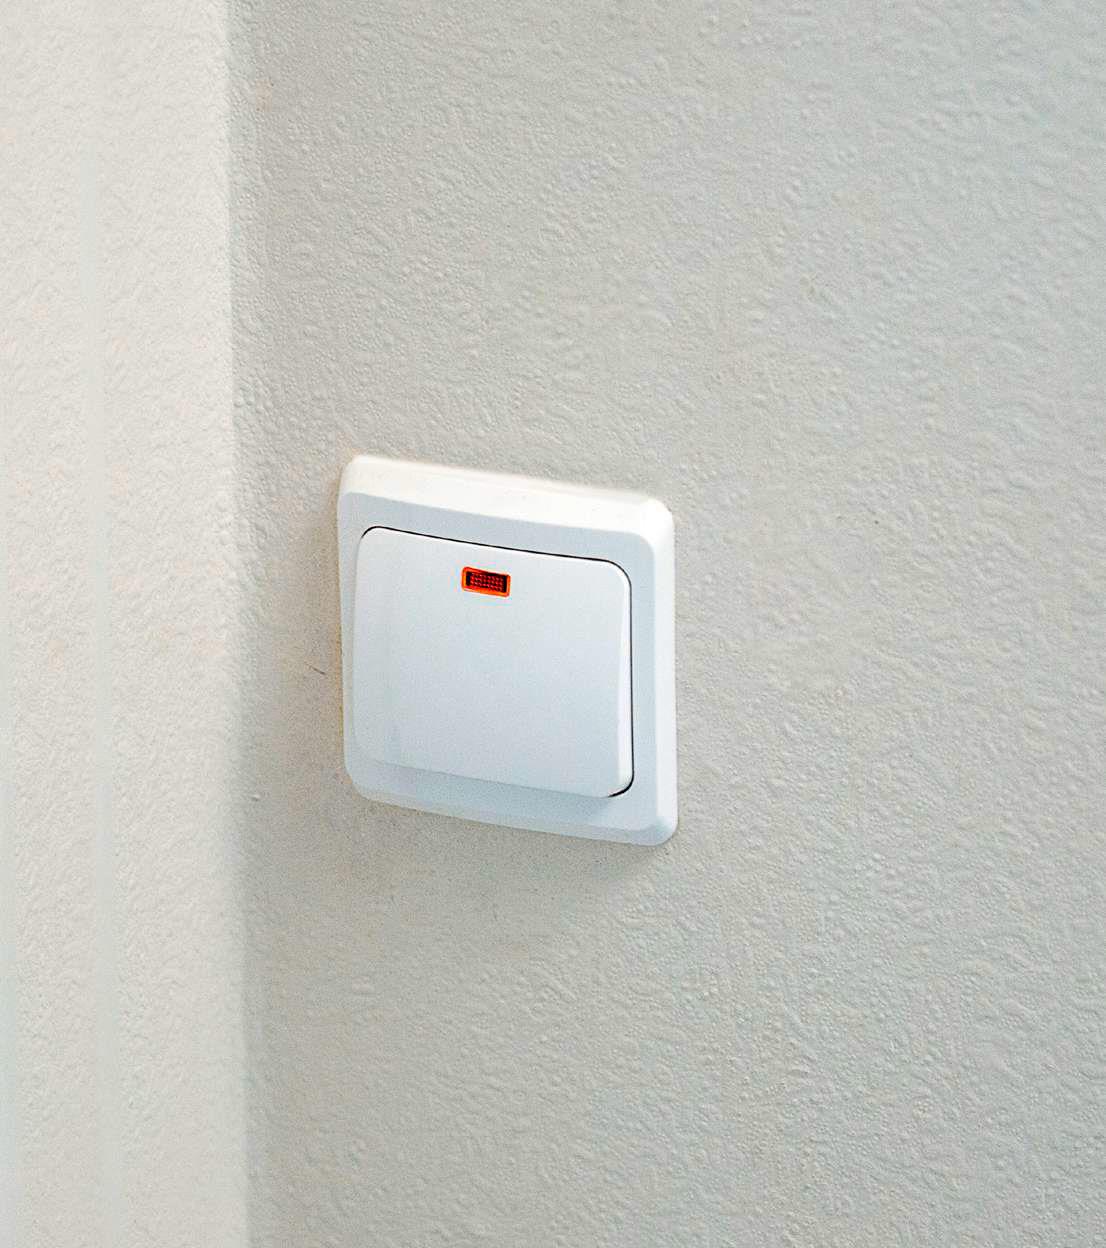 В квартирах будет проведена электрическая разводка сбезопасными выключателями ирозетками, сказано вдокументе